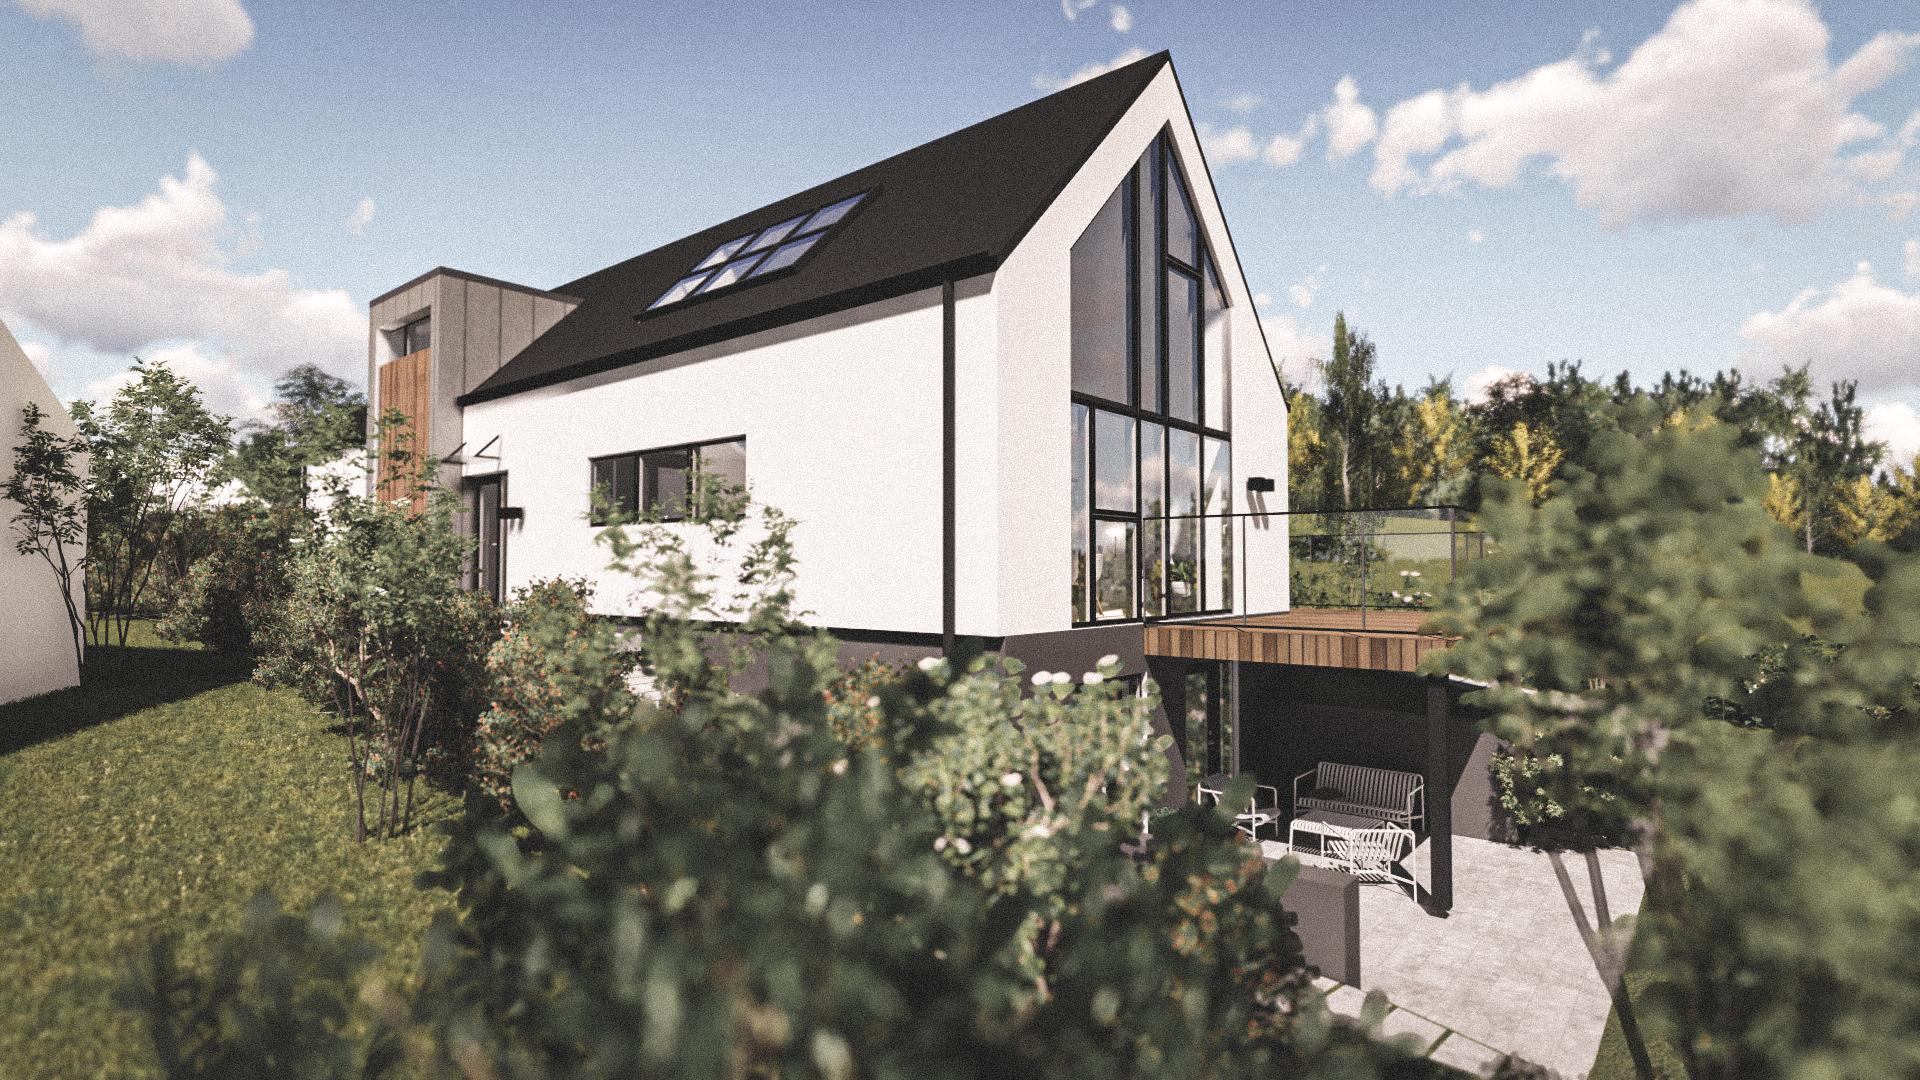 Billede af Dansk arkitekttegnet 3 plan villa af arkitektfirmaet m2plus, i Værløse på 339 kvartratmeter.